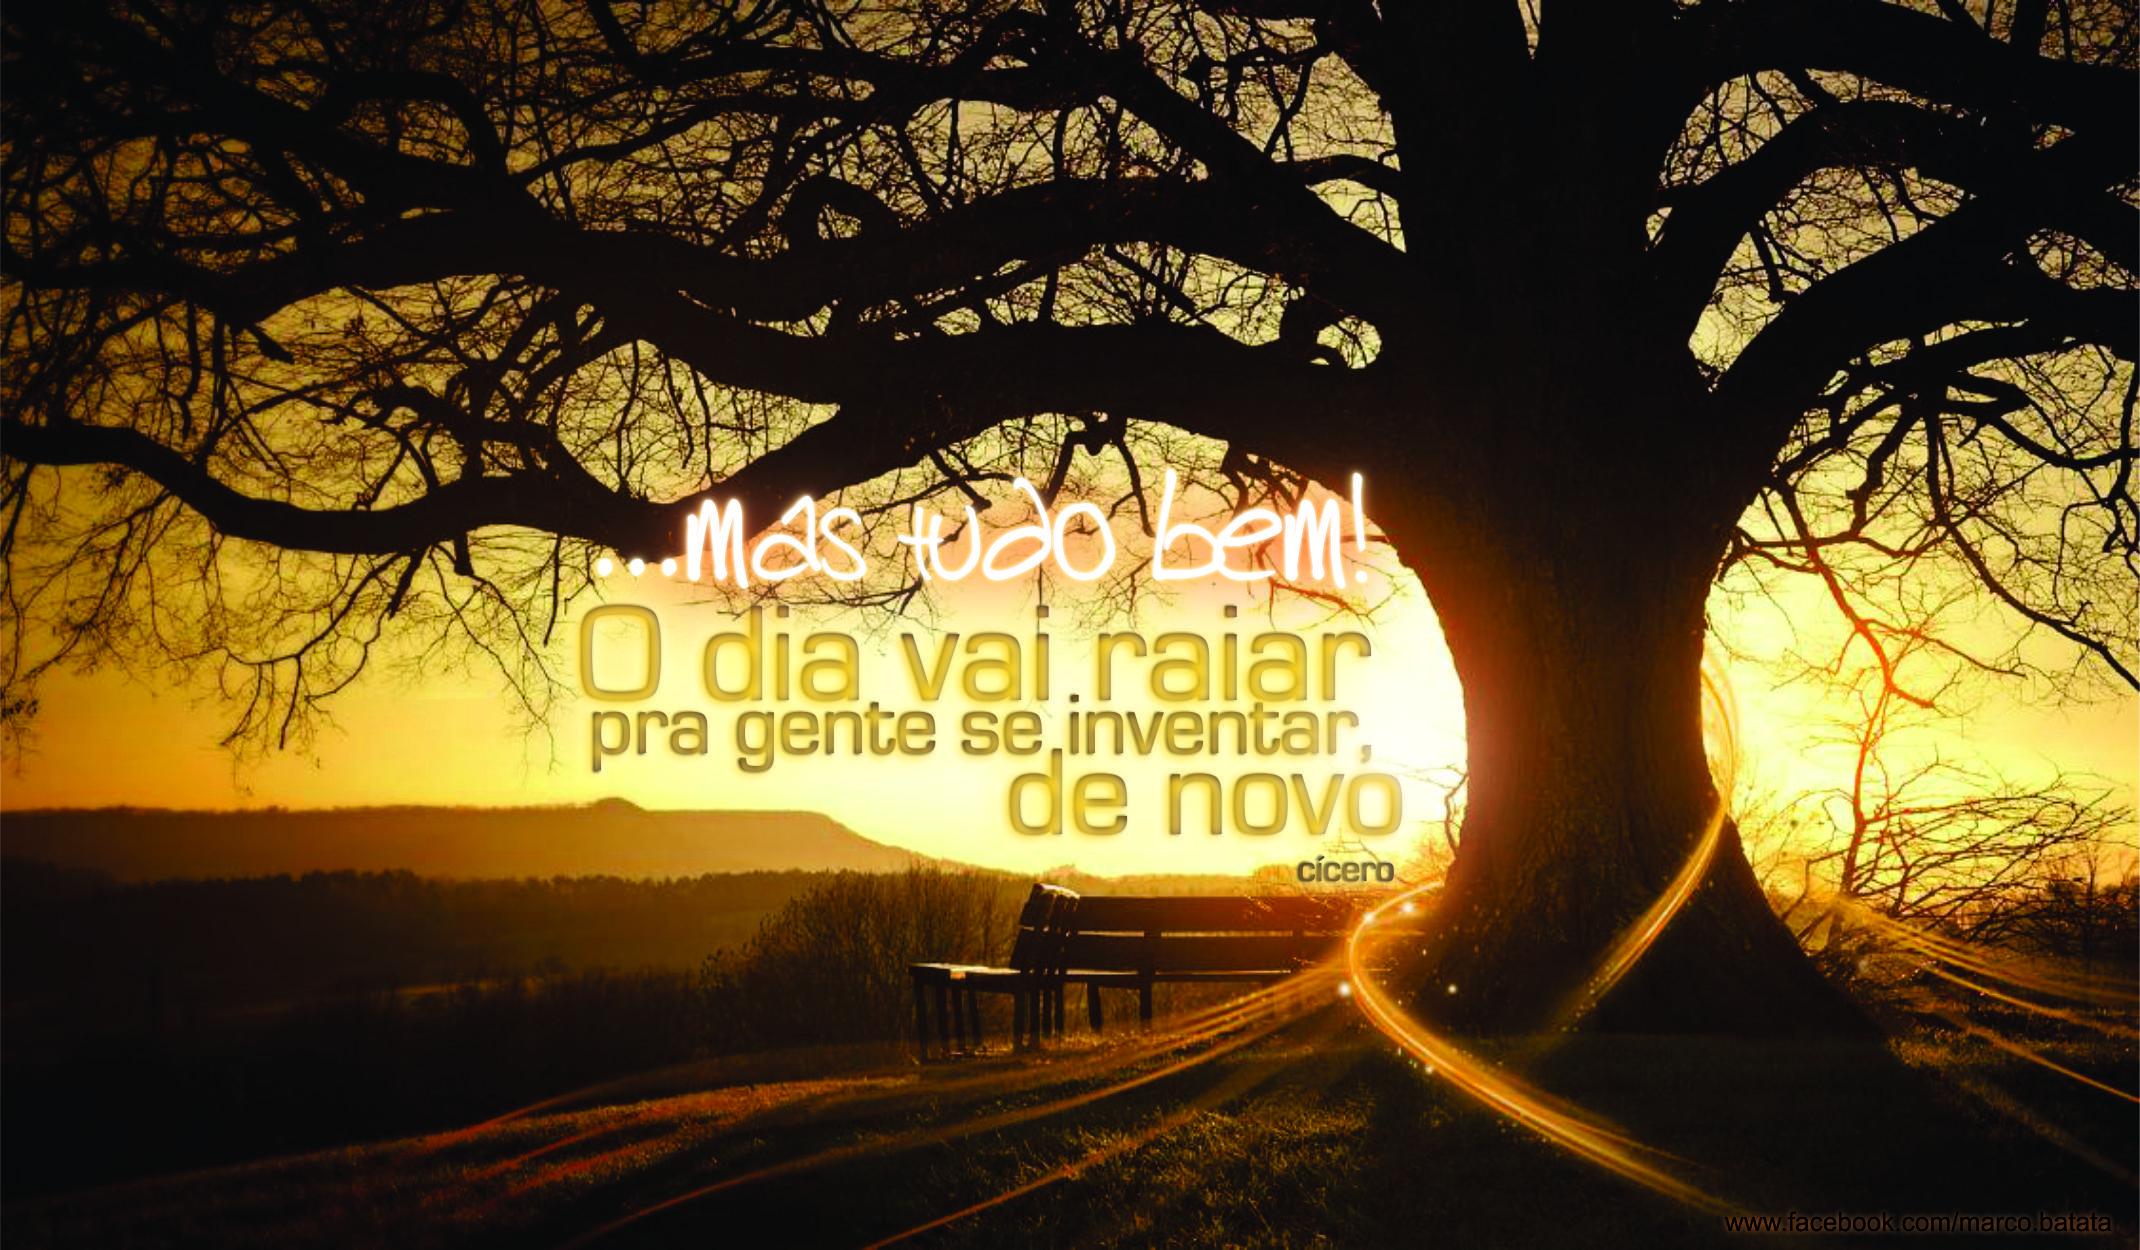 #Cícero #mpb #música